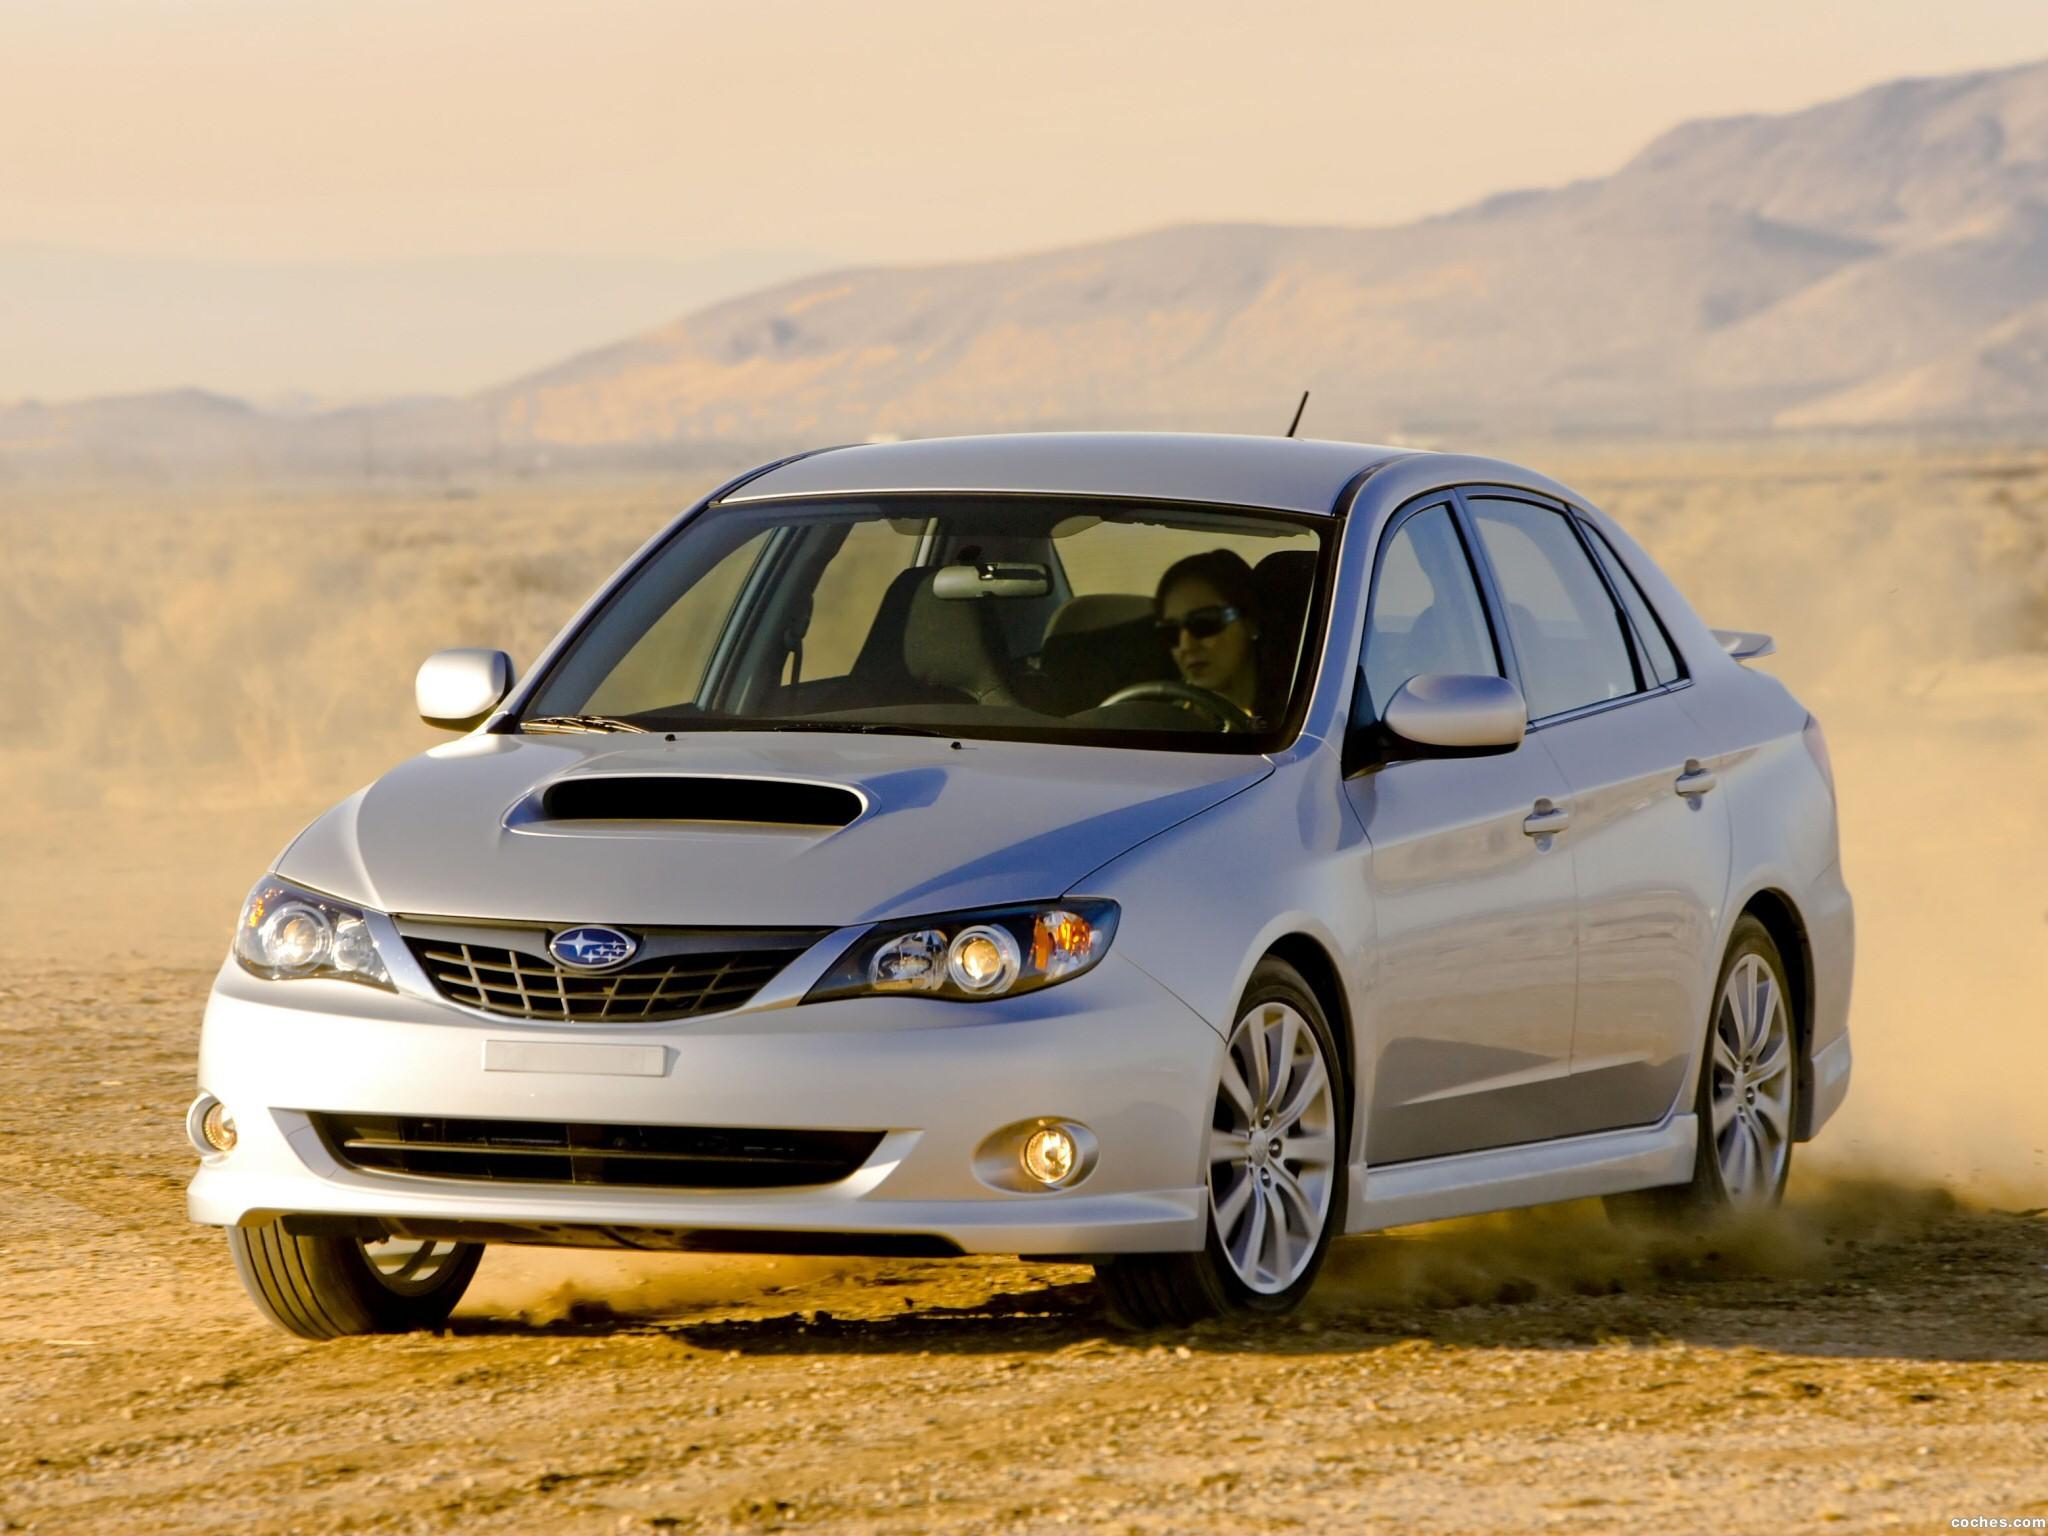 Foto 0 de Subaru Impreza WRX Sedan 2008